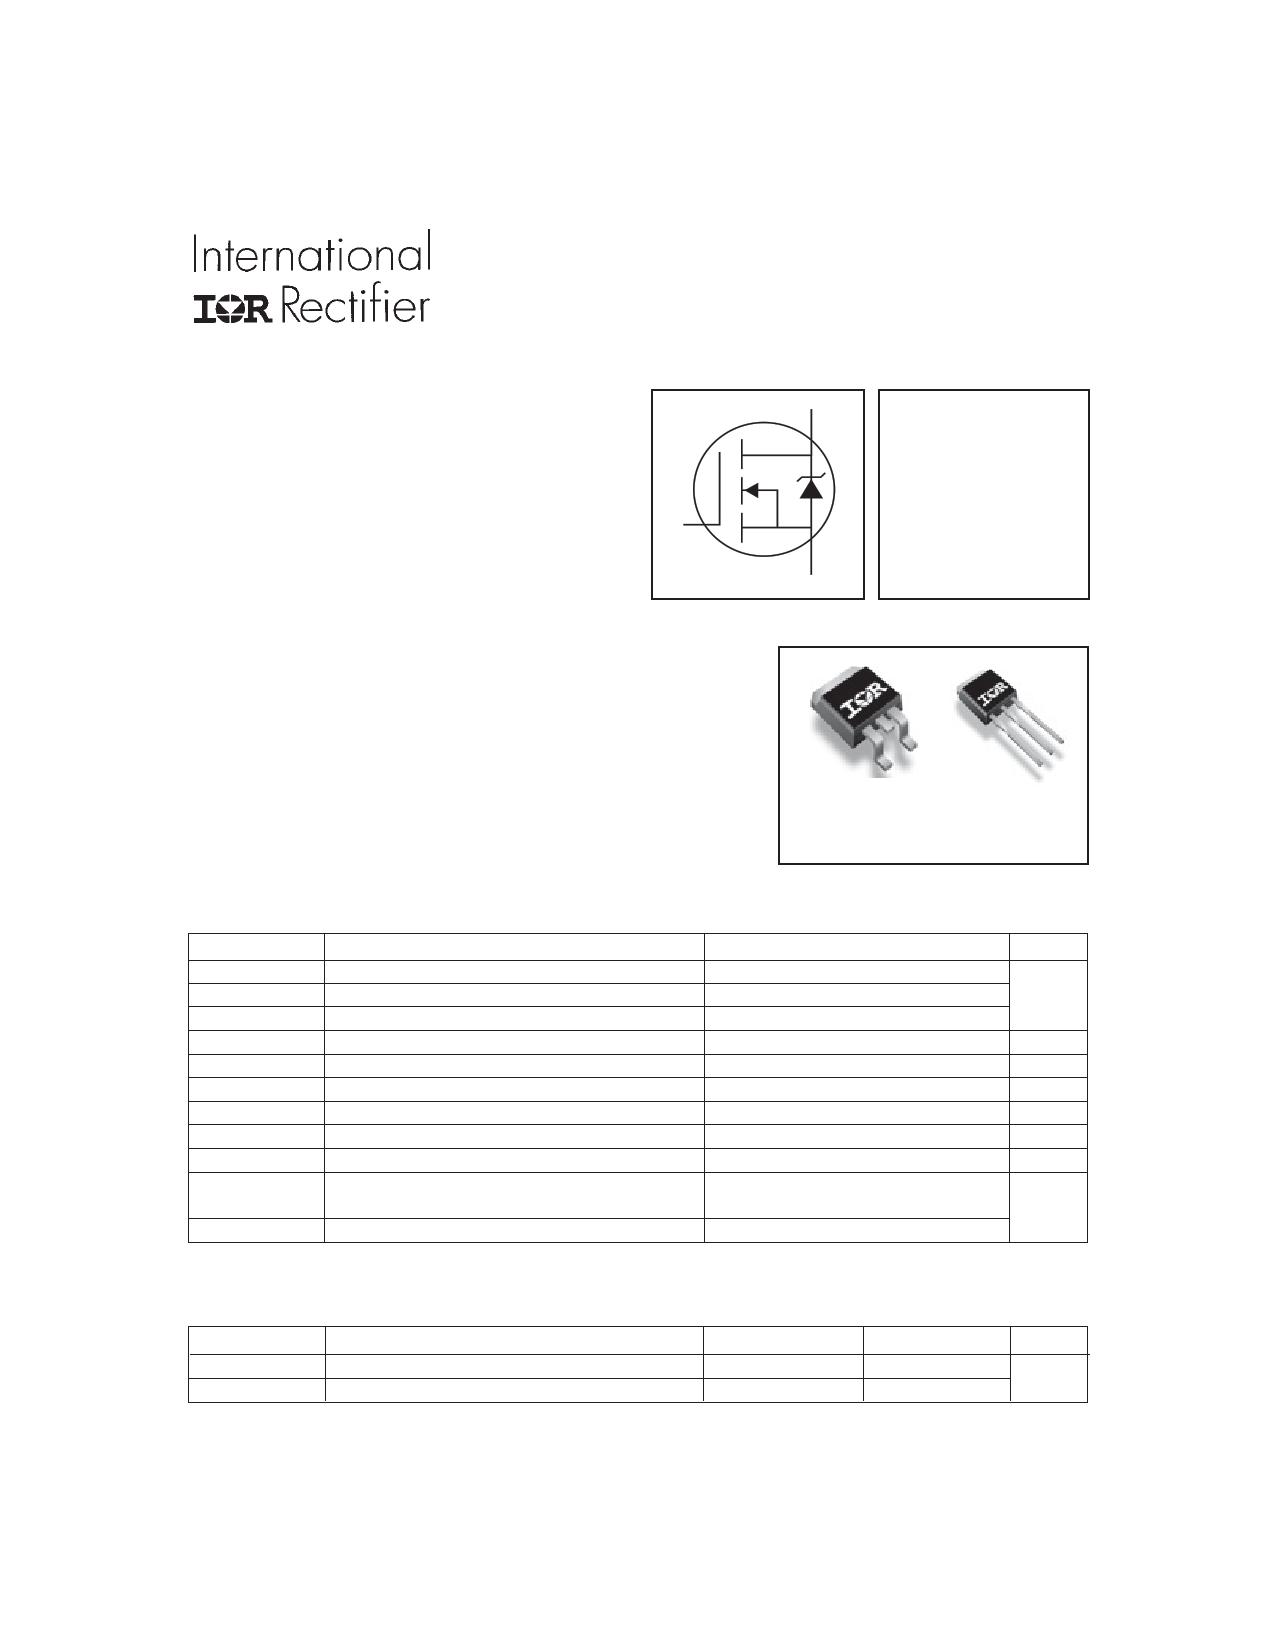 IRFZ34VSPBF Datasheet, IRFZ34VSPBF PDF,ピン配置, 機能